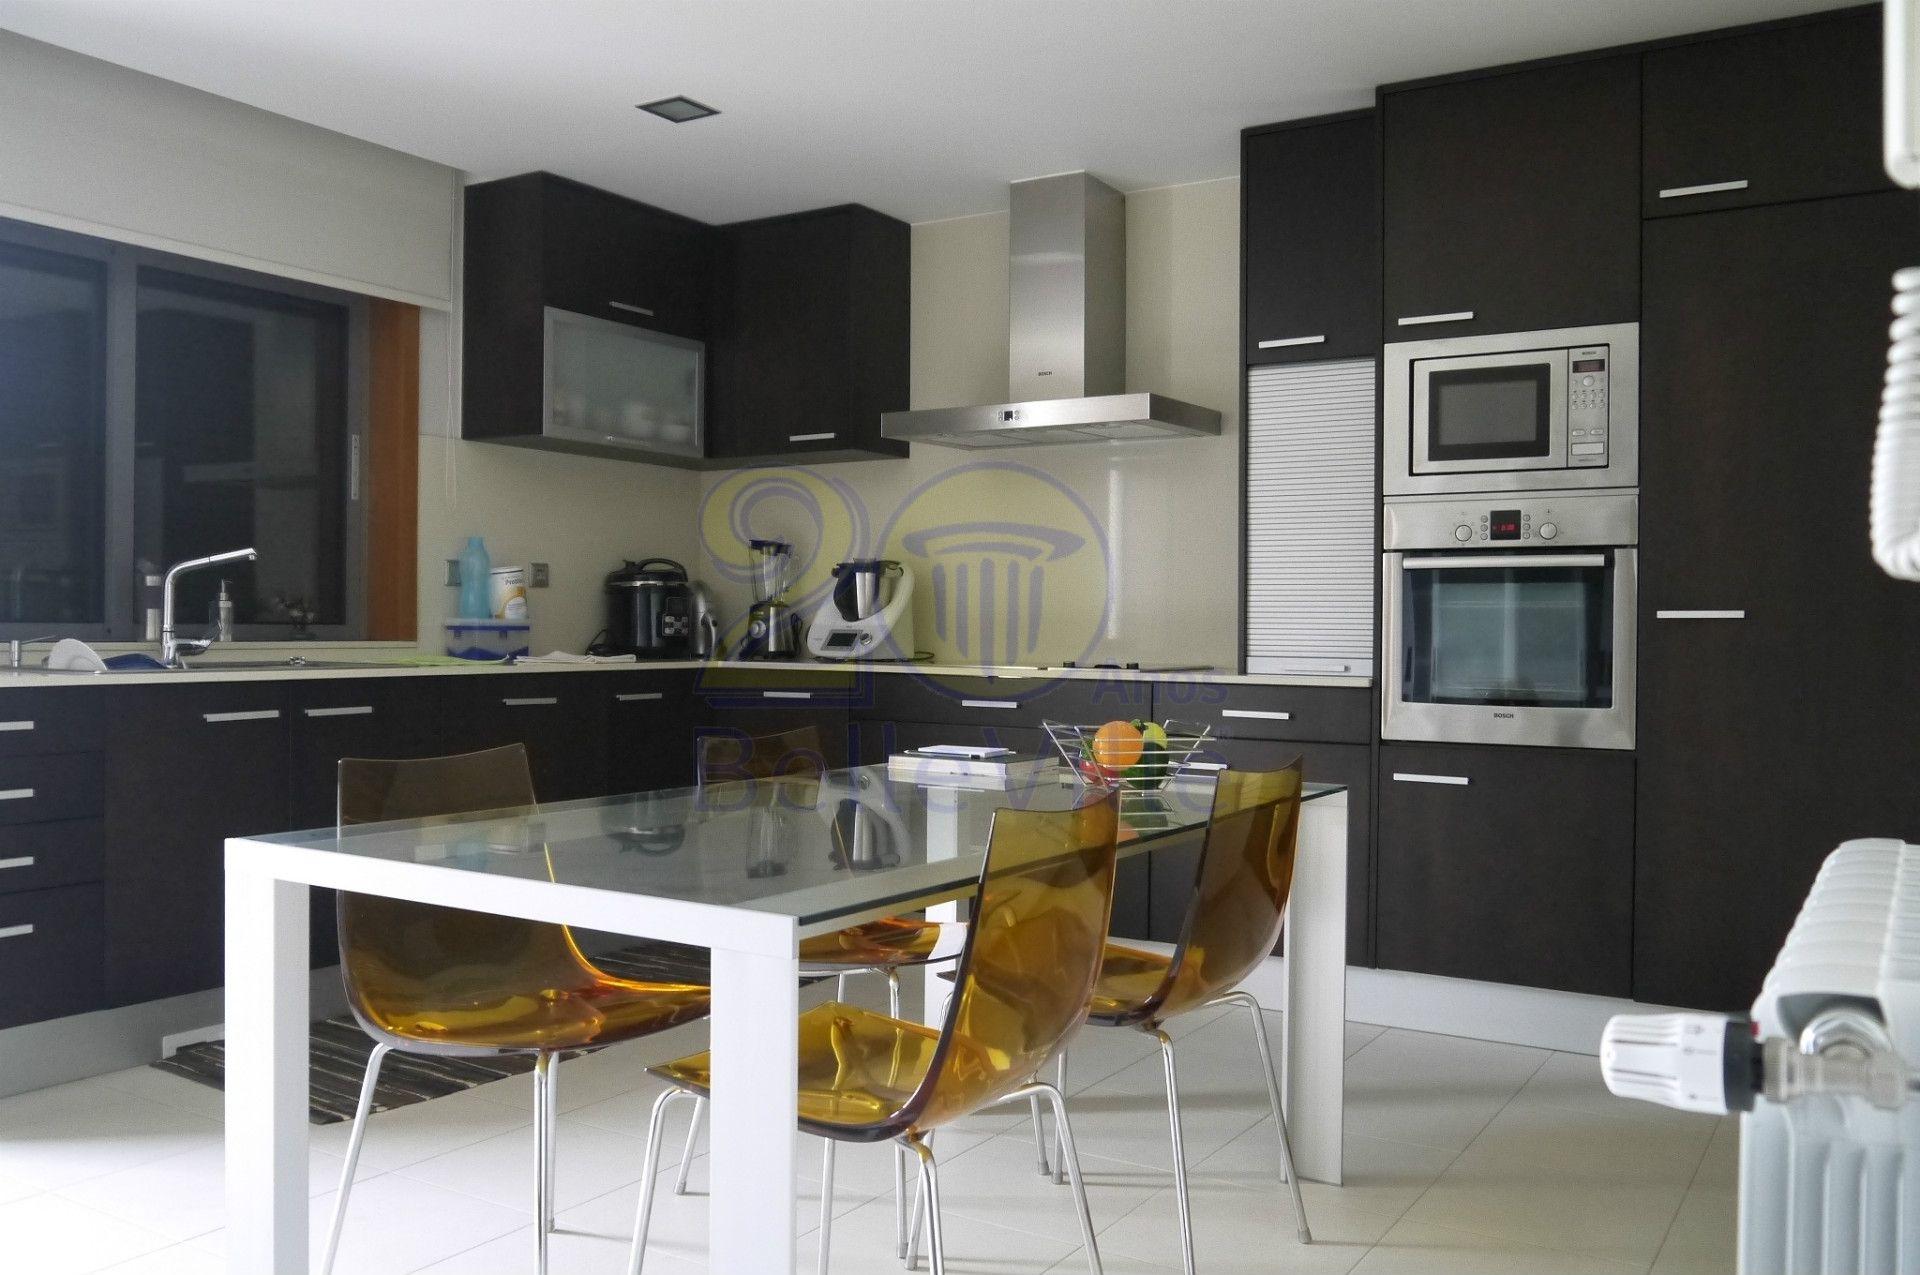 Uma moradia excepcional desviada do centro da cidade mas com fáceis acessos, completamente equipada e mobilada, com áreas bastantes generosas e uma decoração recheada de bom gosto.  Uma casa ideal para uma família que pretenda uma casa que alie acolhimento, bom gosto e funcionalidade <3 Saiba mais: http://bit.ly/29UuYYd #moradia #T3 #Braga #Vilaverde #Conforto #decoração #casadesonho #familiafeliz